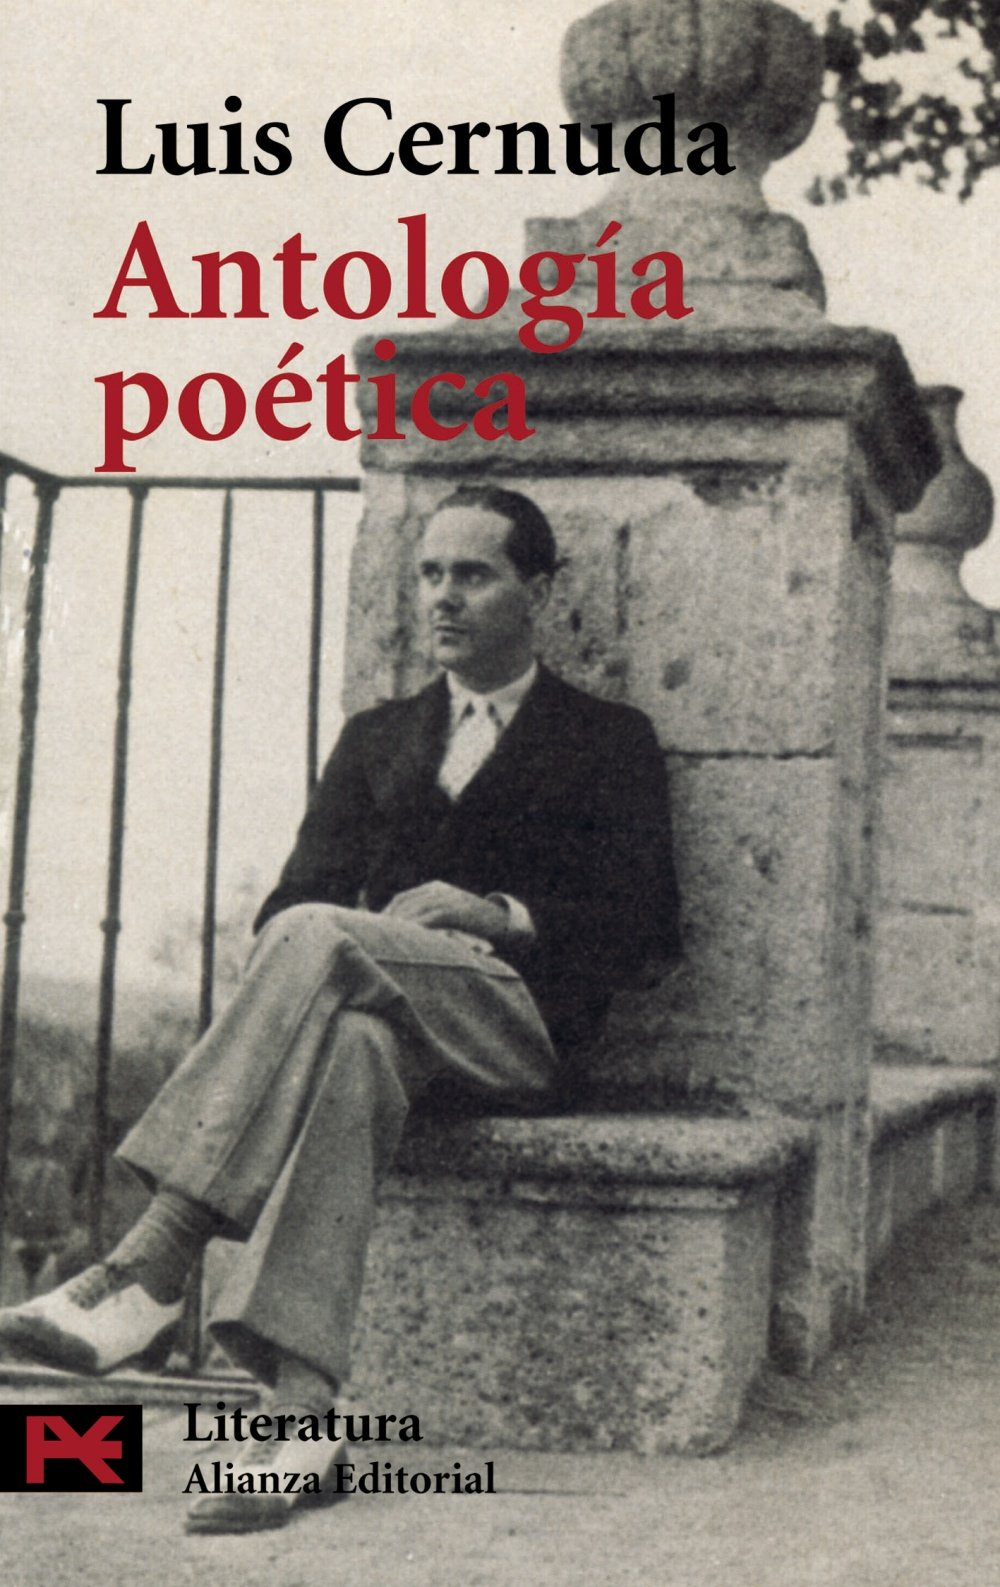 Antología poética (El libro de bolsillo - Literatura): Amazon.es: Cernuda, Luis: Libros